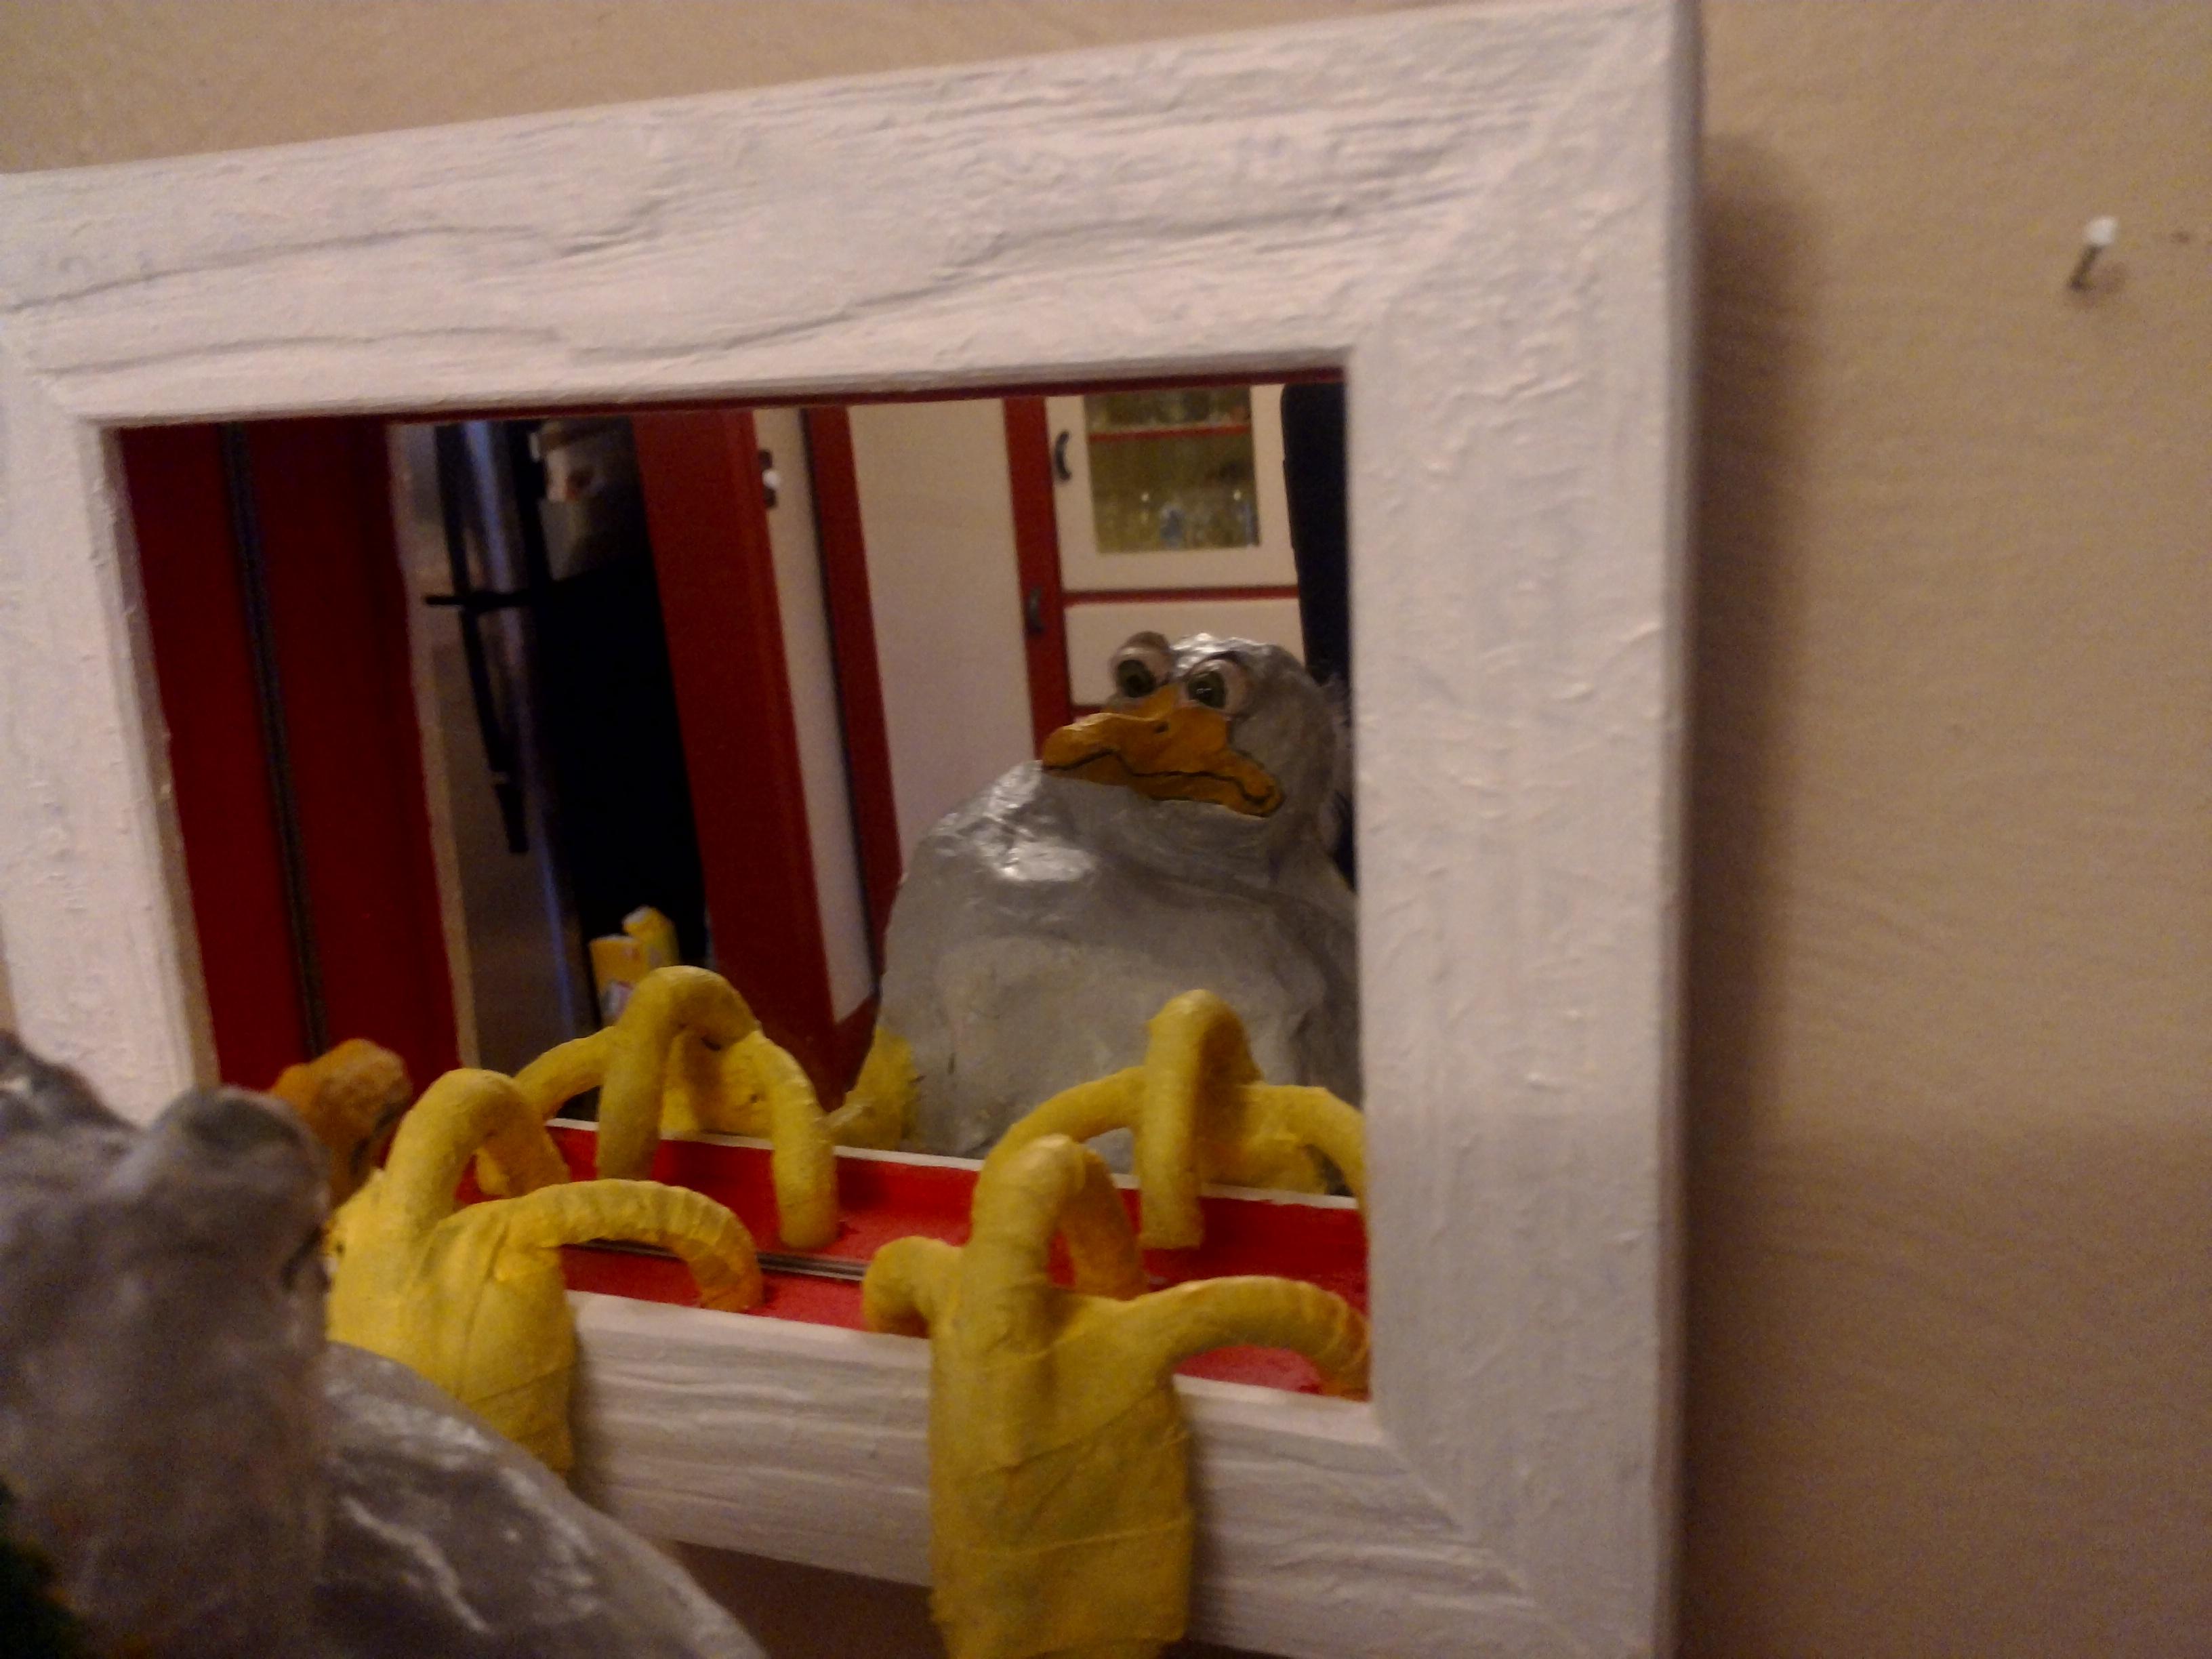 mirror bird 3.jpg